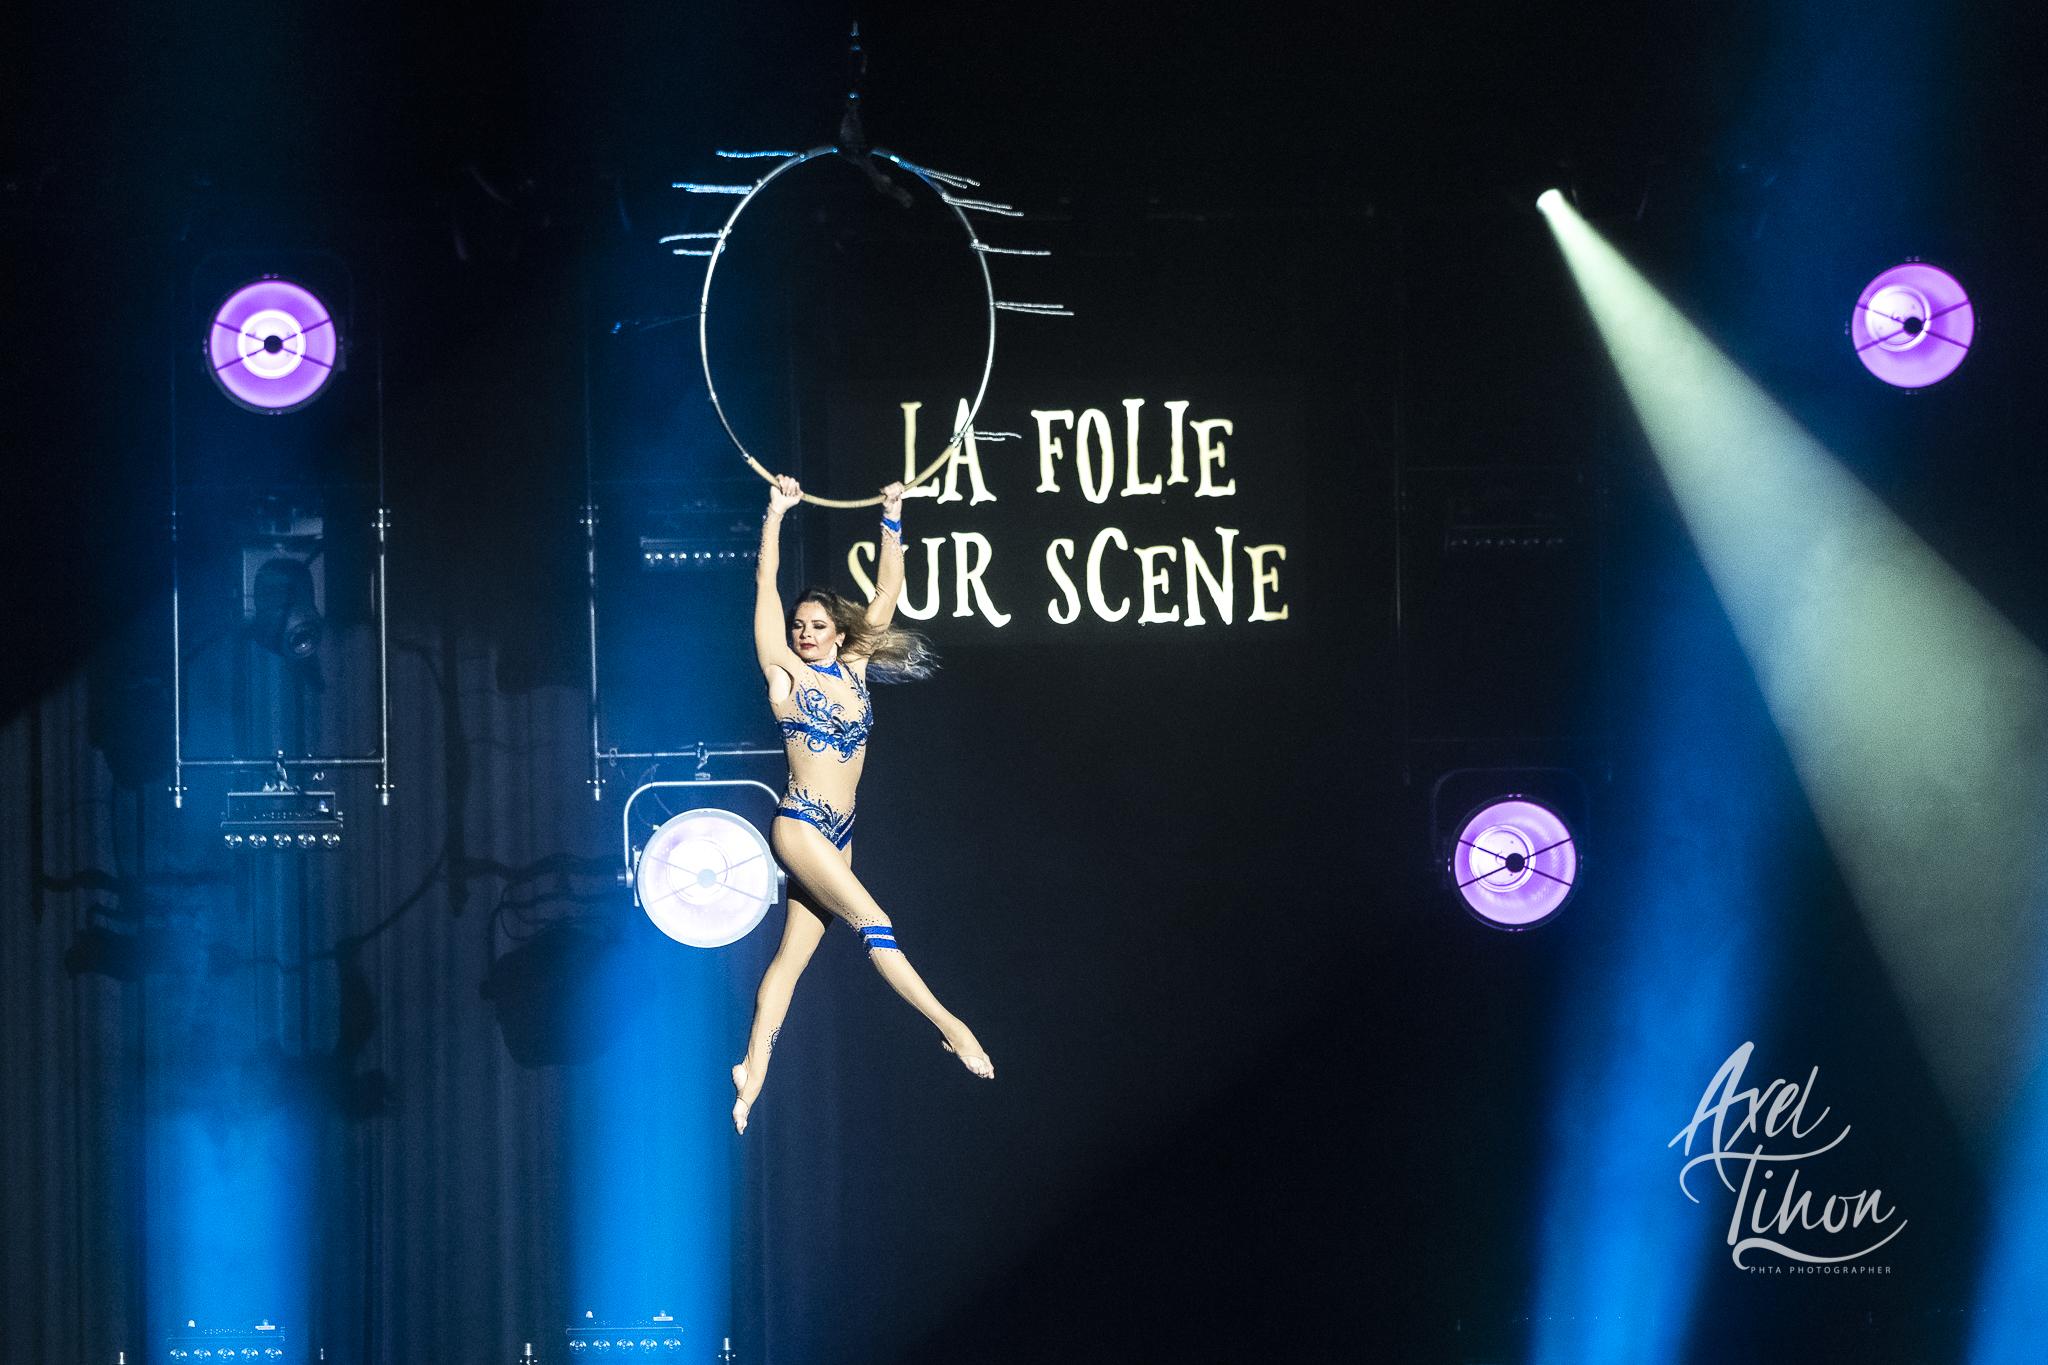 La folie sur scène-24